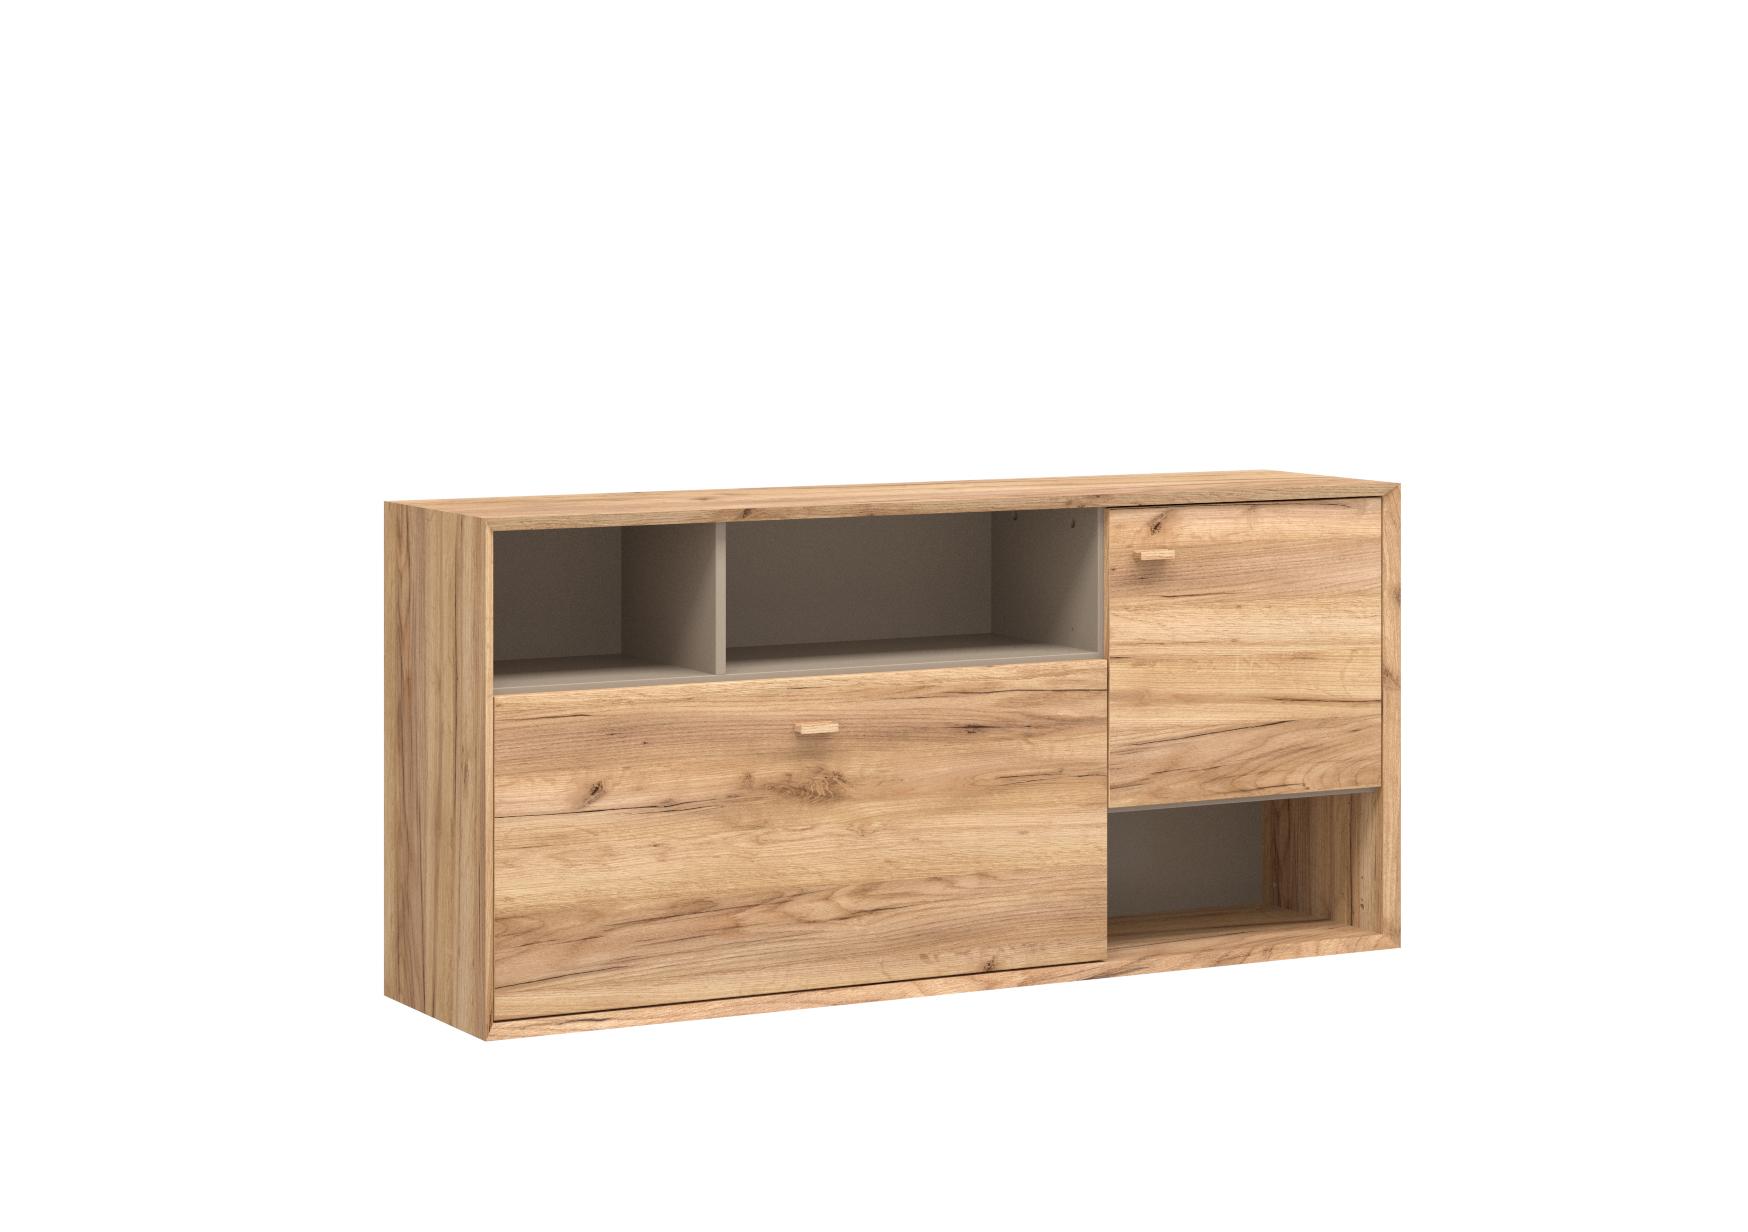 h ngeschrank f hr navarra eiche nb steingrau wandschrank schrank m bel wohnen schr nke. Black Bedroom Furniture Sets. Home Design Ideas